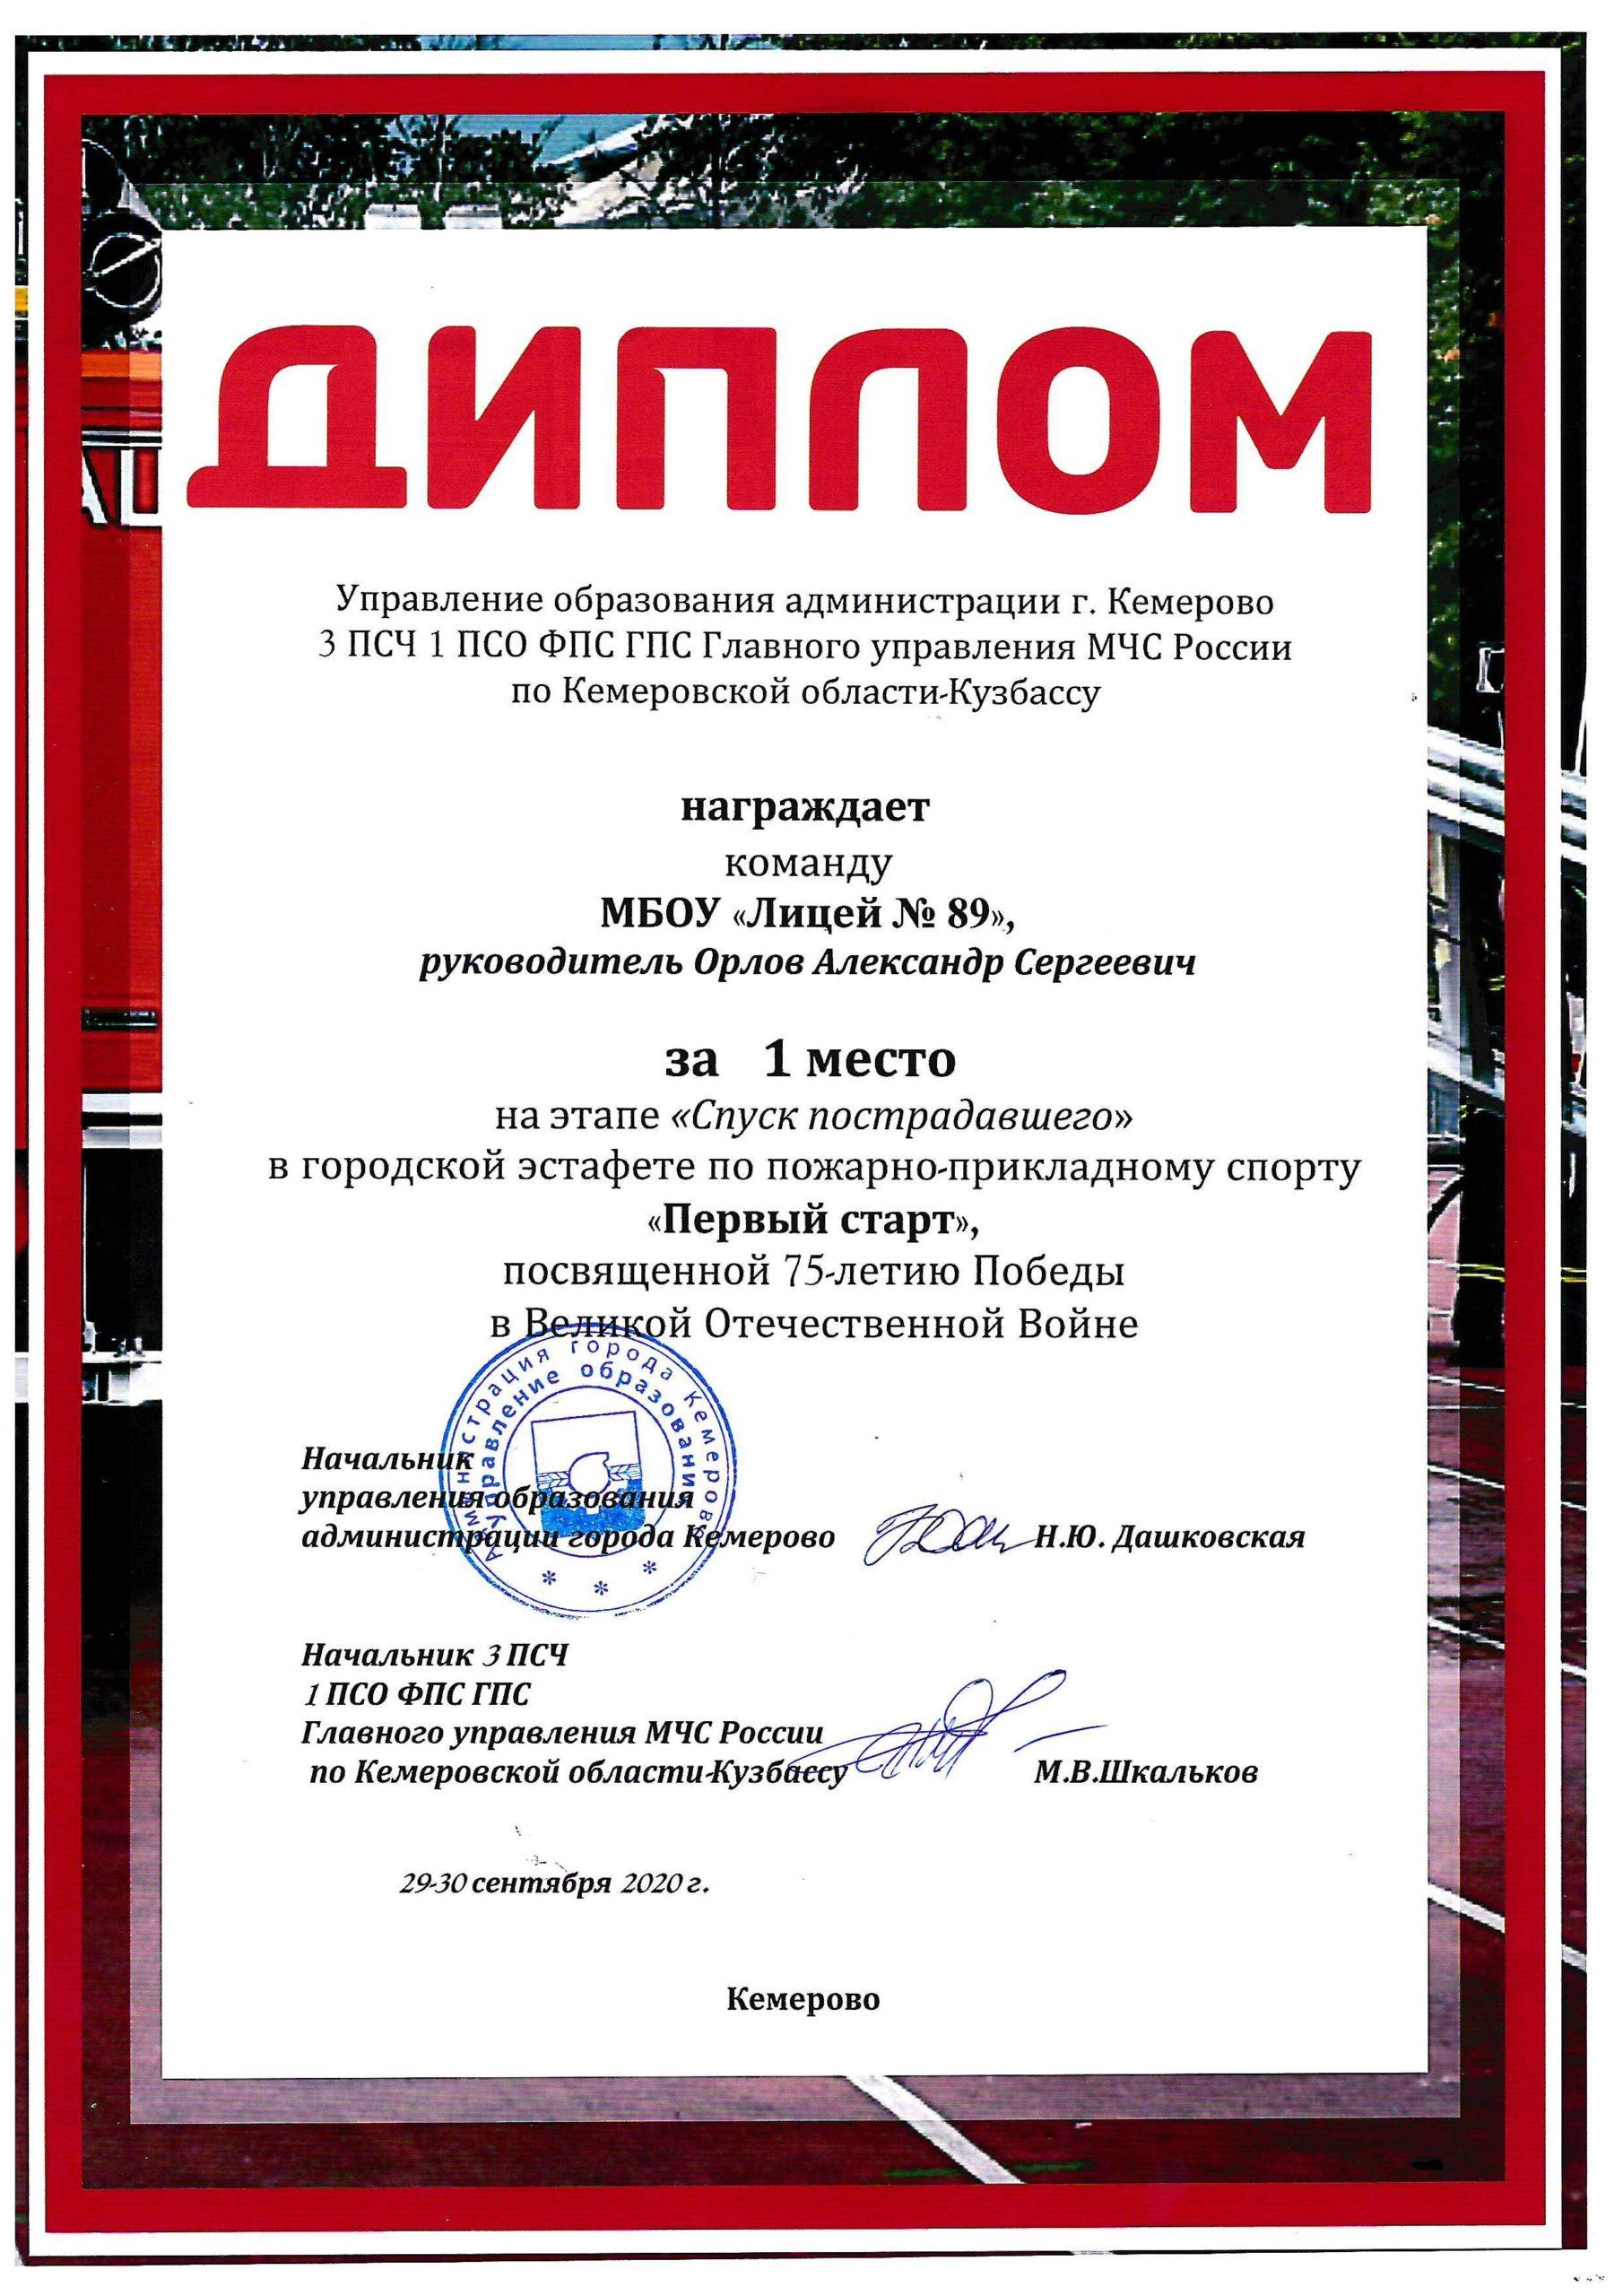 Дипломы ППС — 0019